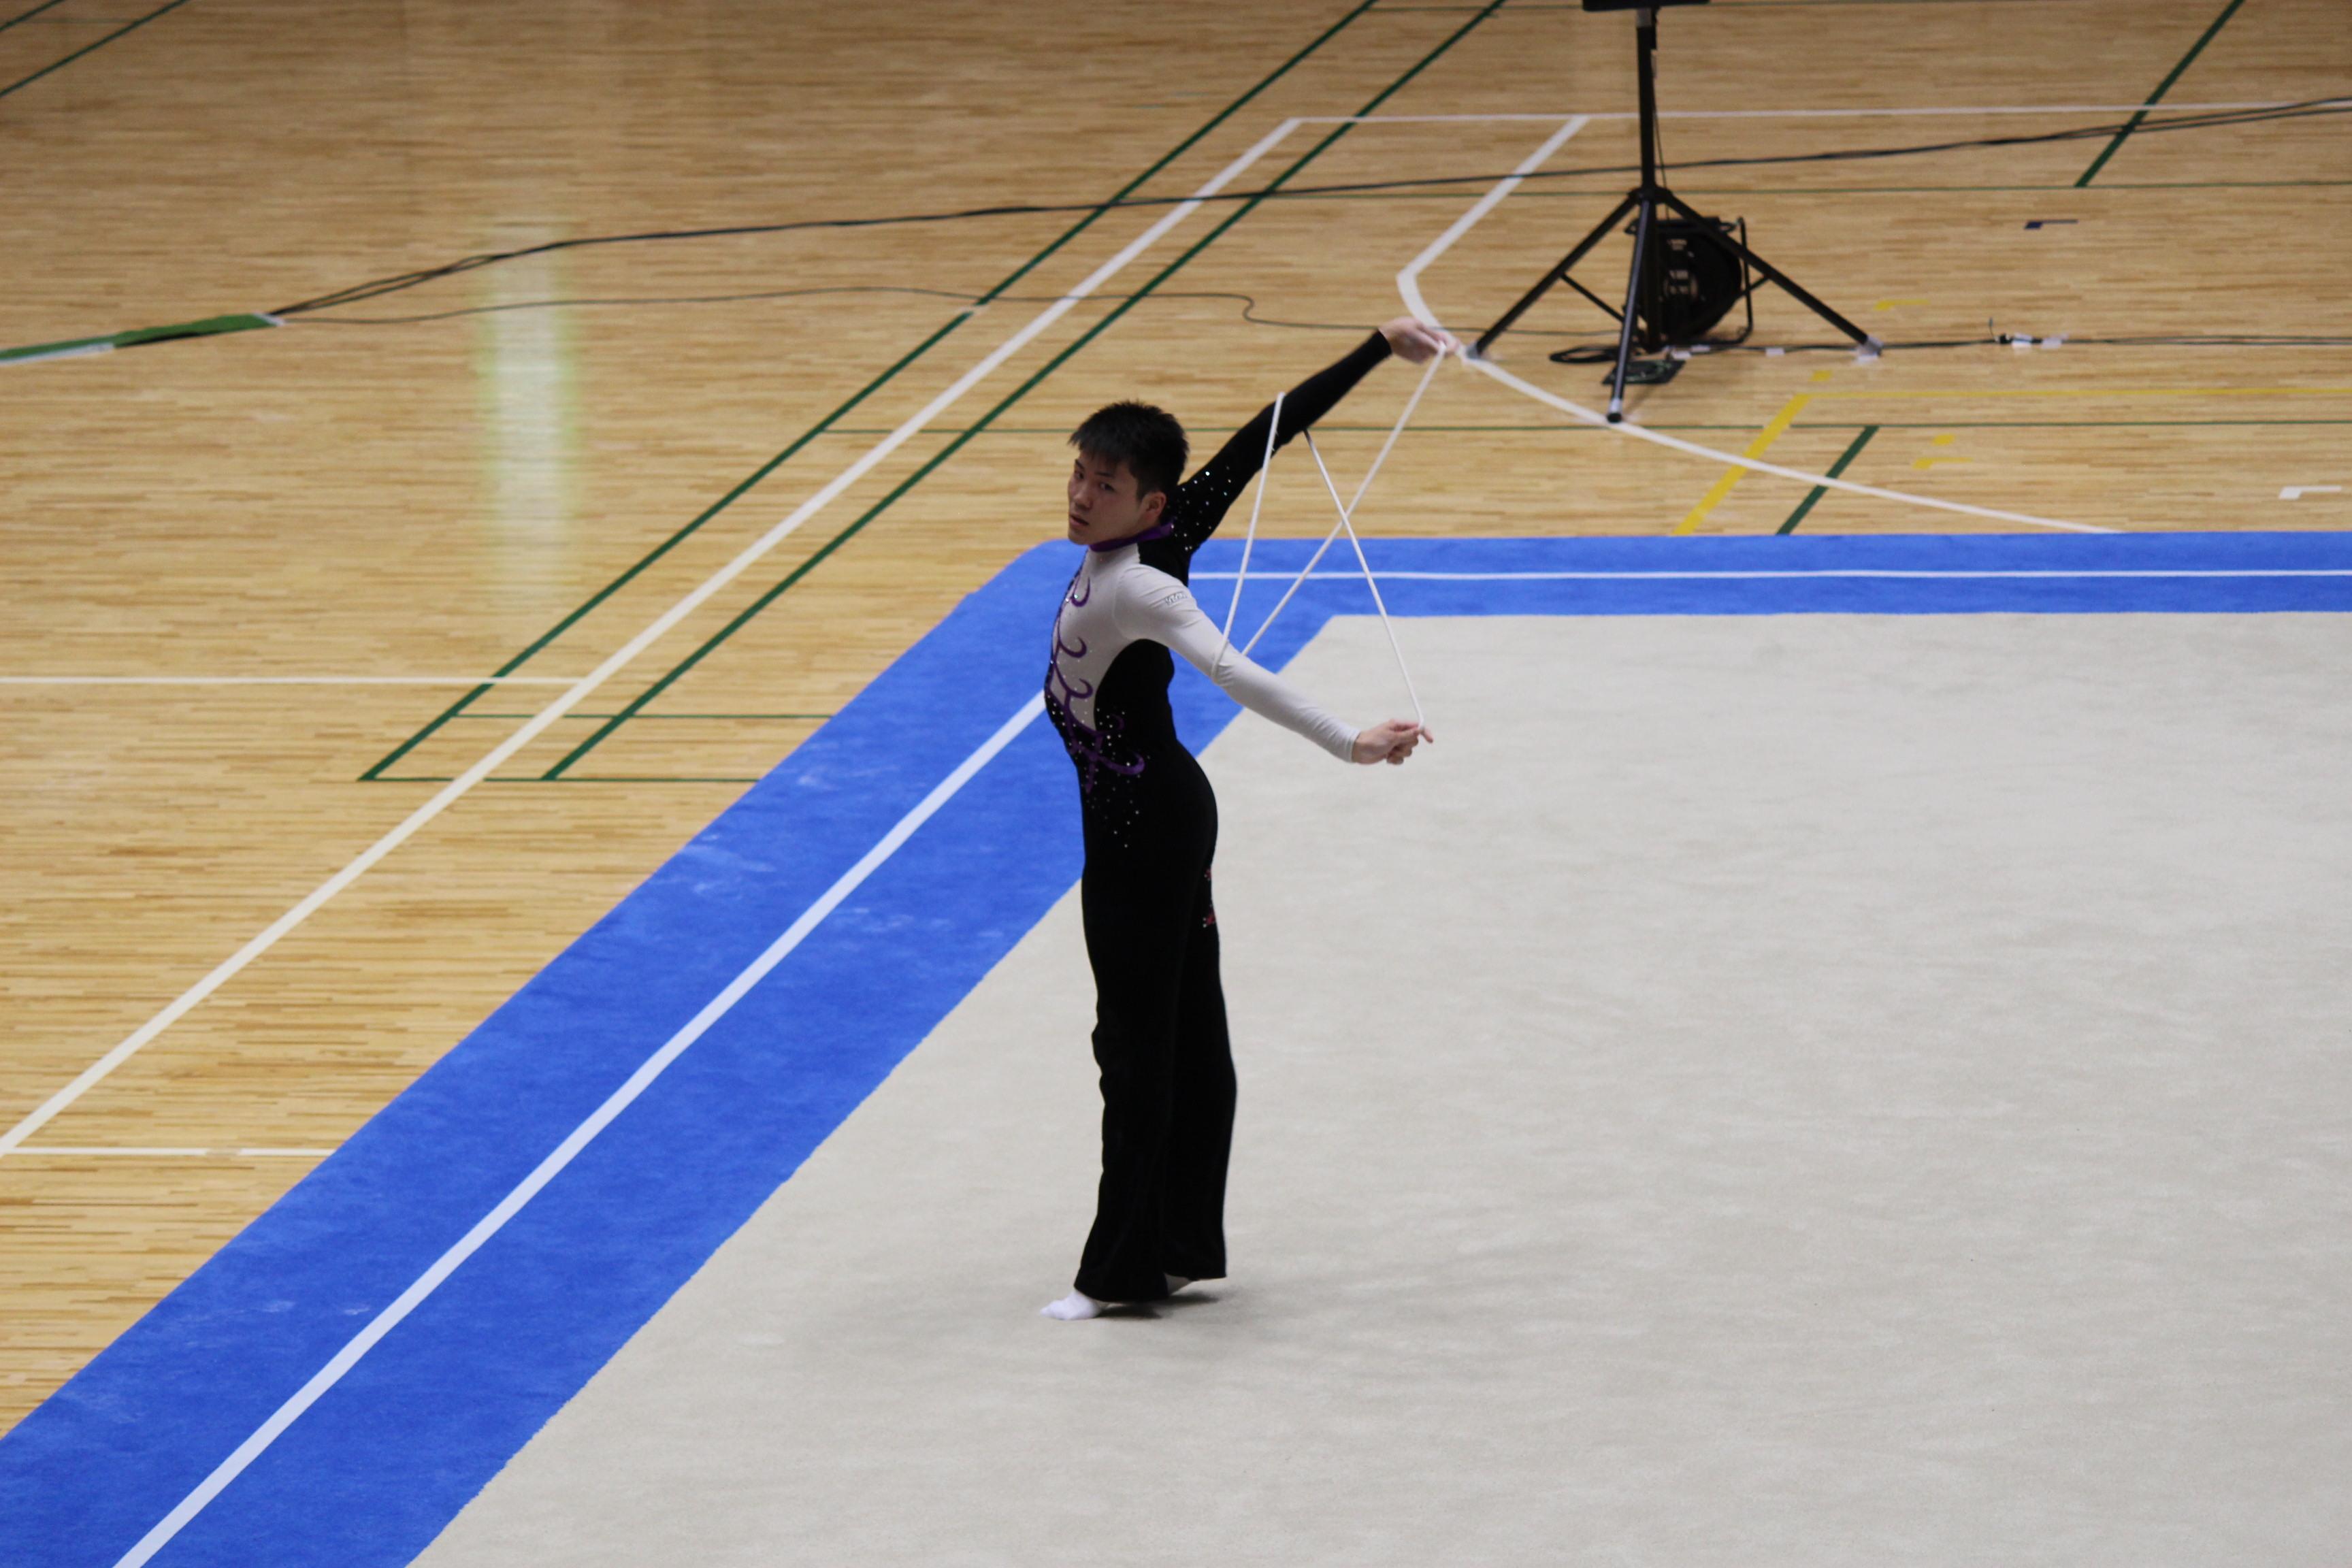 IMG_4982たくみロープ